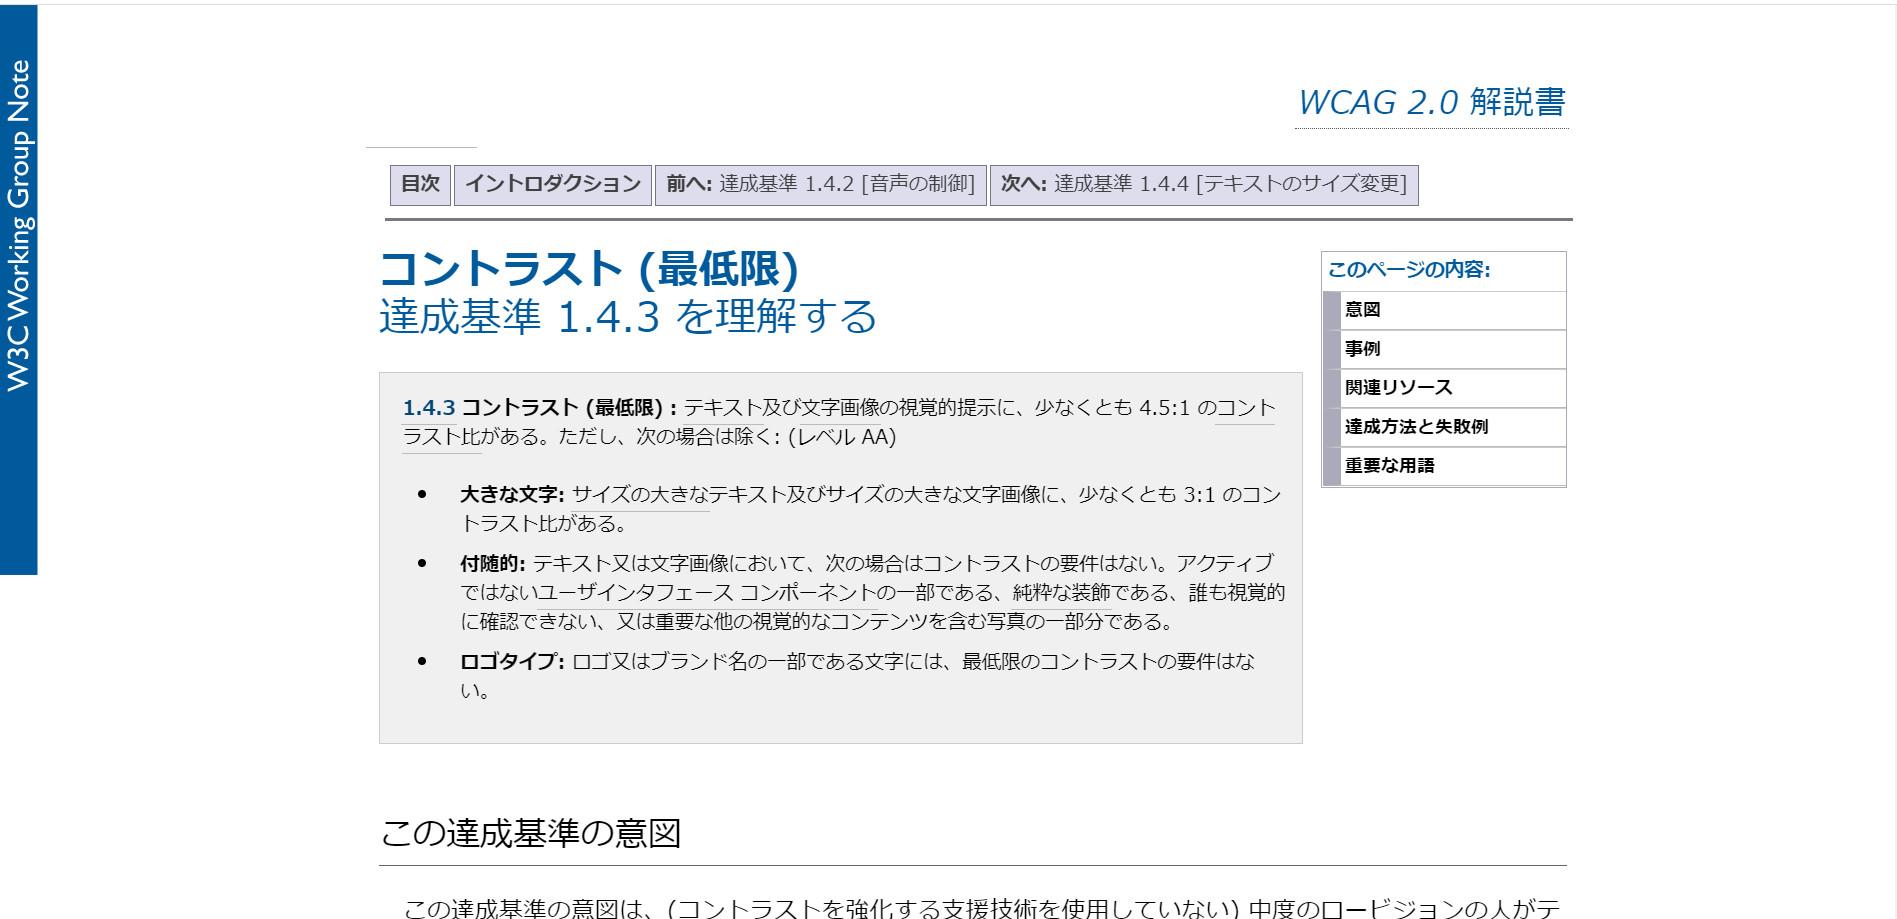 W3Cによりコントラストのガイドラインが定められている